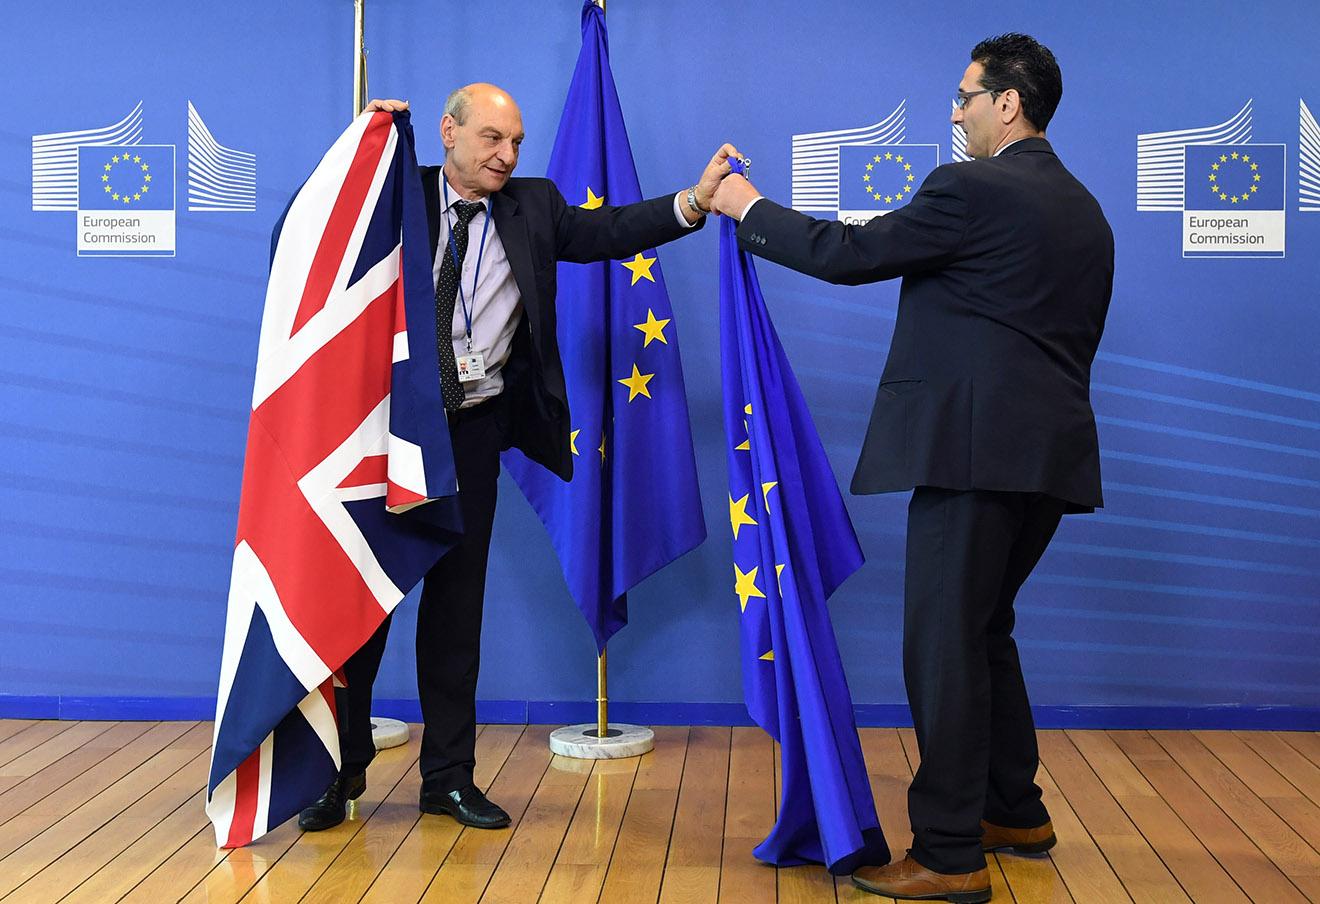 В штаб-квартире ЕС в Брюсселе перед прибытием Дэвида Кэмерона, 28 июня 2016 года.